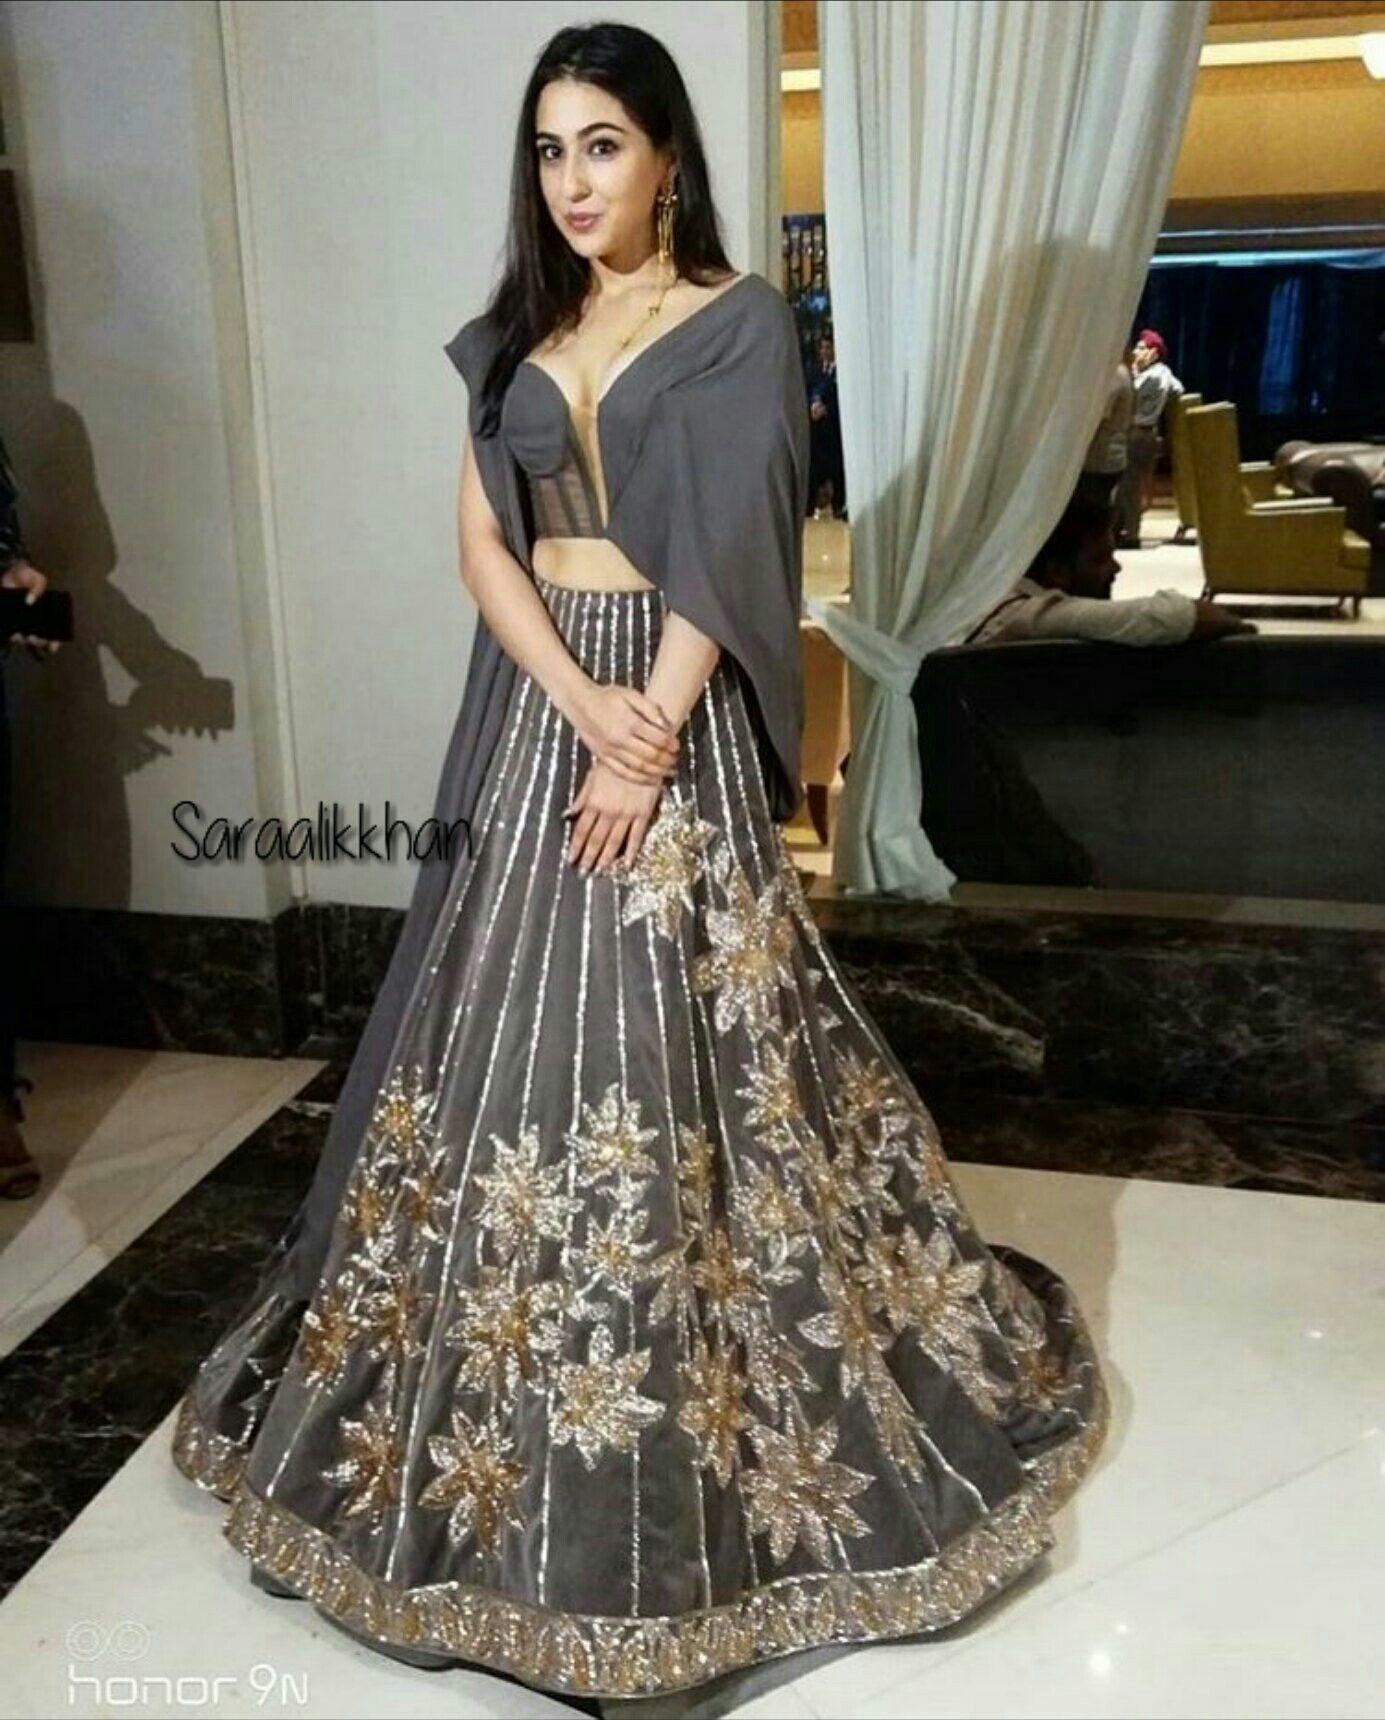 a95911d123 Gorgeous Sara Ali khan in Manish malhotra | Sara Ali Khan | Manish ...